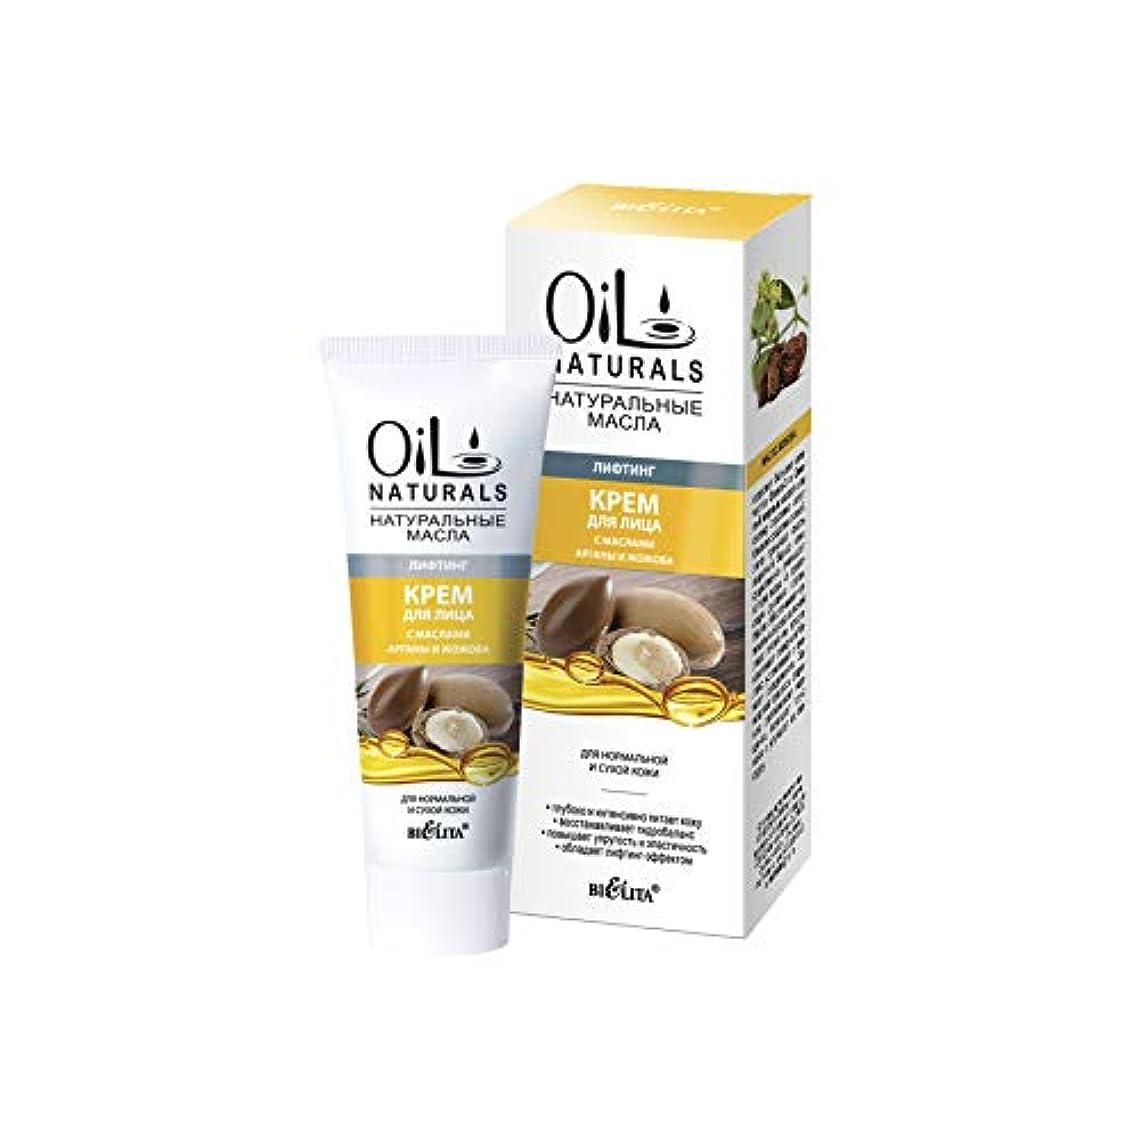 メドレー先住民すぐにBielita & Vitex   Argan Oil, Jojoba Oil Moisturising Cream for the Face 50ml   Intensive Moisturizer With Natural...